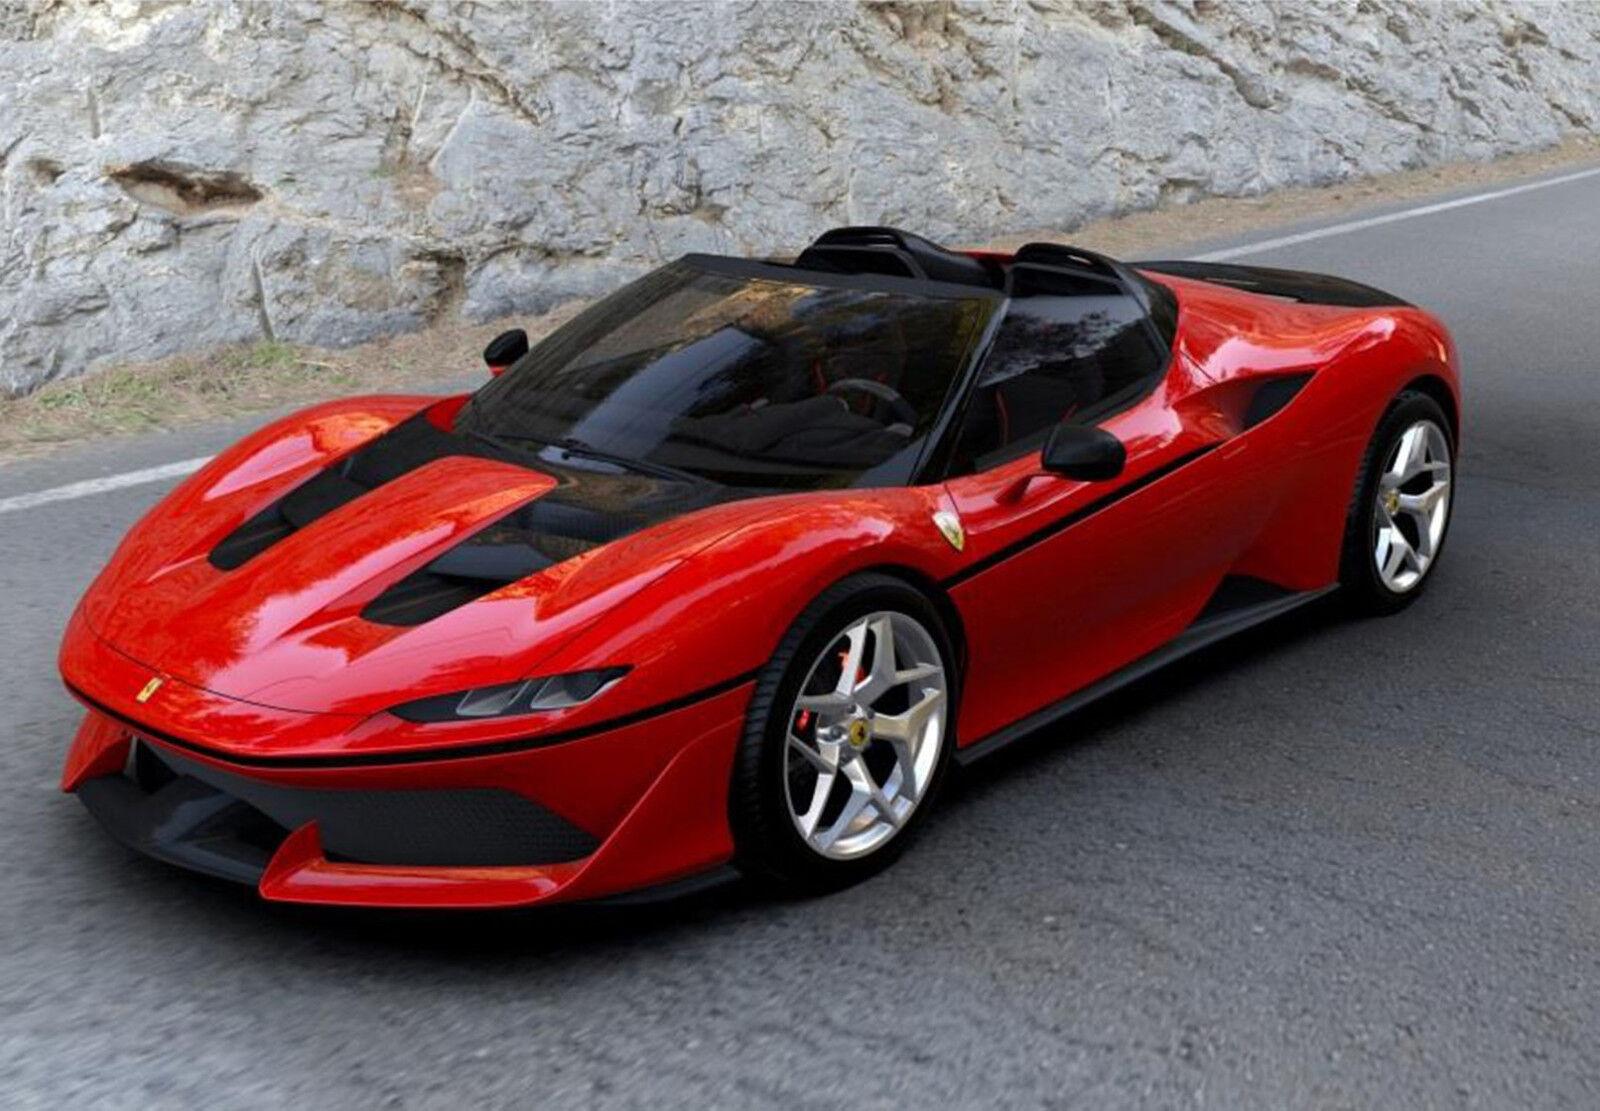 Ferrari J50 red strait 1 43 lim ed  28 BBRC208F BBR pcs